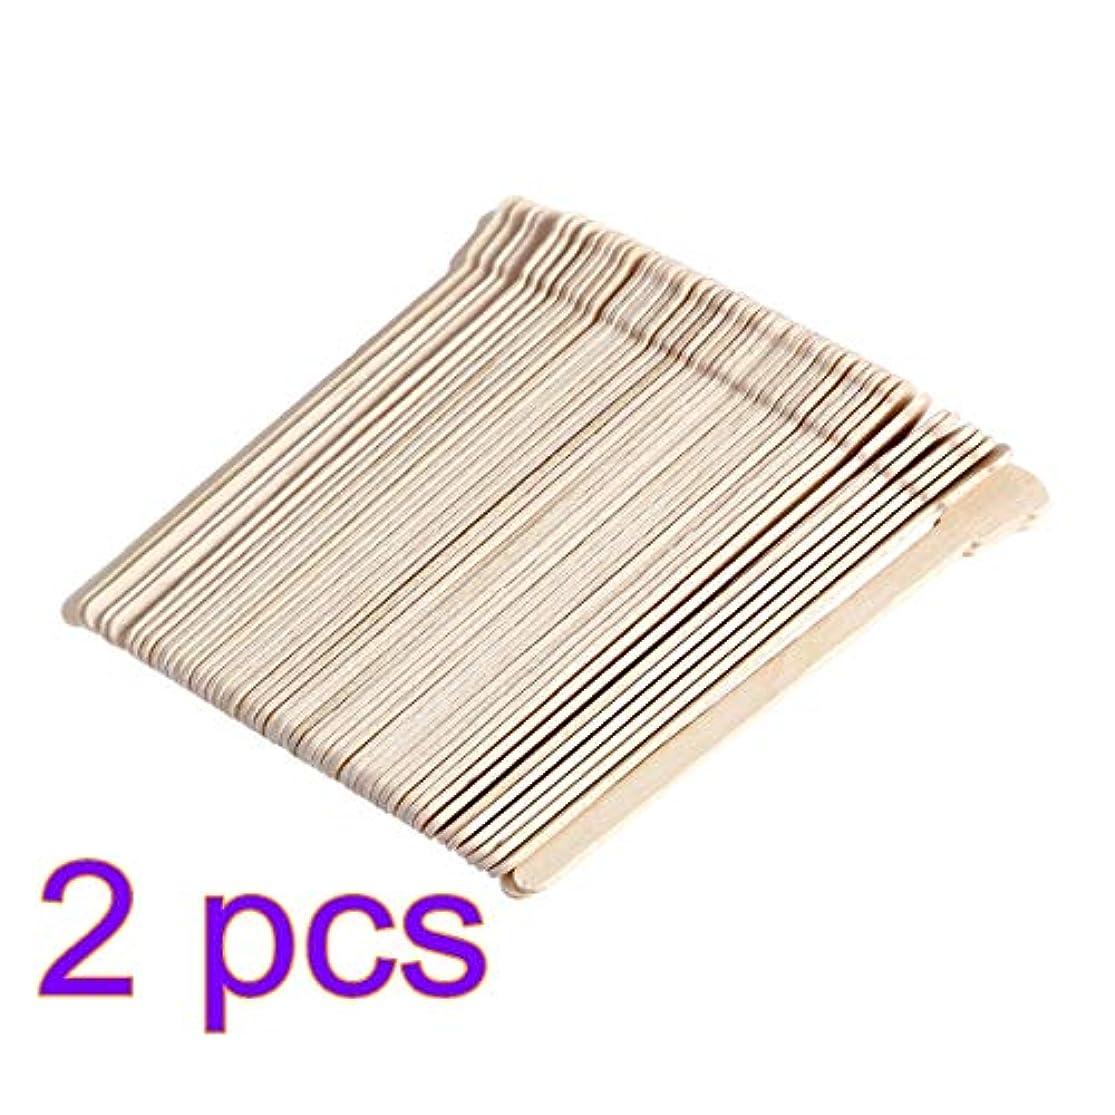 パラダイス現代気体のSUPVOX 100ピース木製ワックススティックフェイス眉毛ワックスへら脱毛(オリジナル木製色)